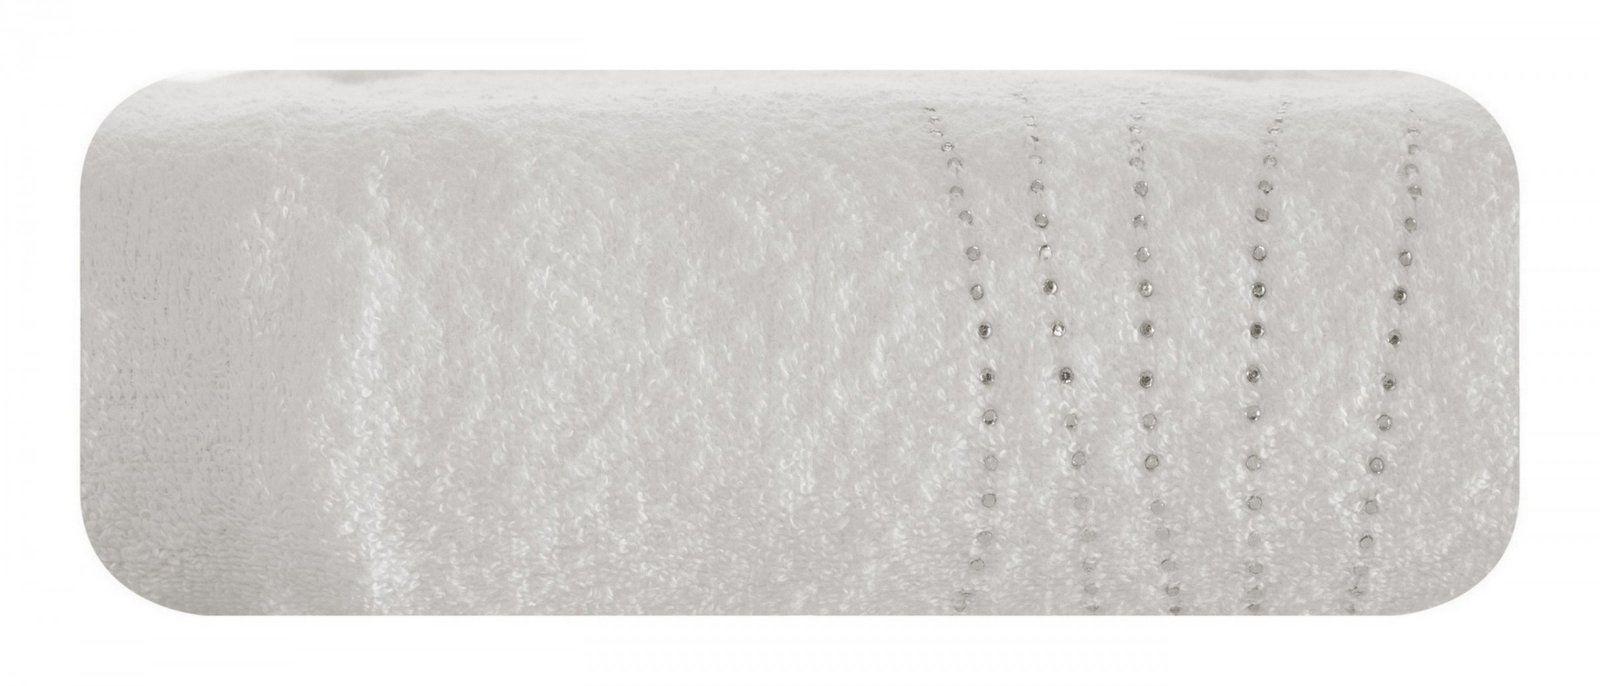 Ręcznik Kąpielowy Eurofirany Carla 02 450 g/m2 Kremowy 50x90